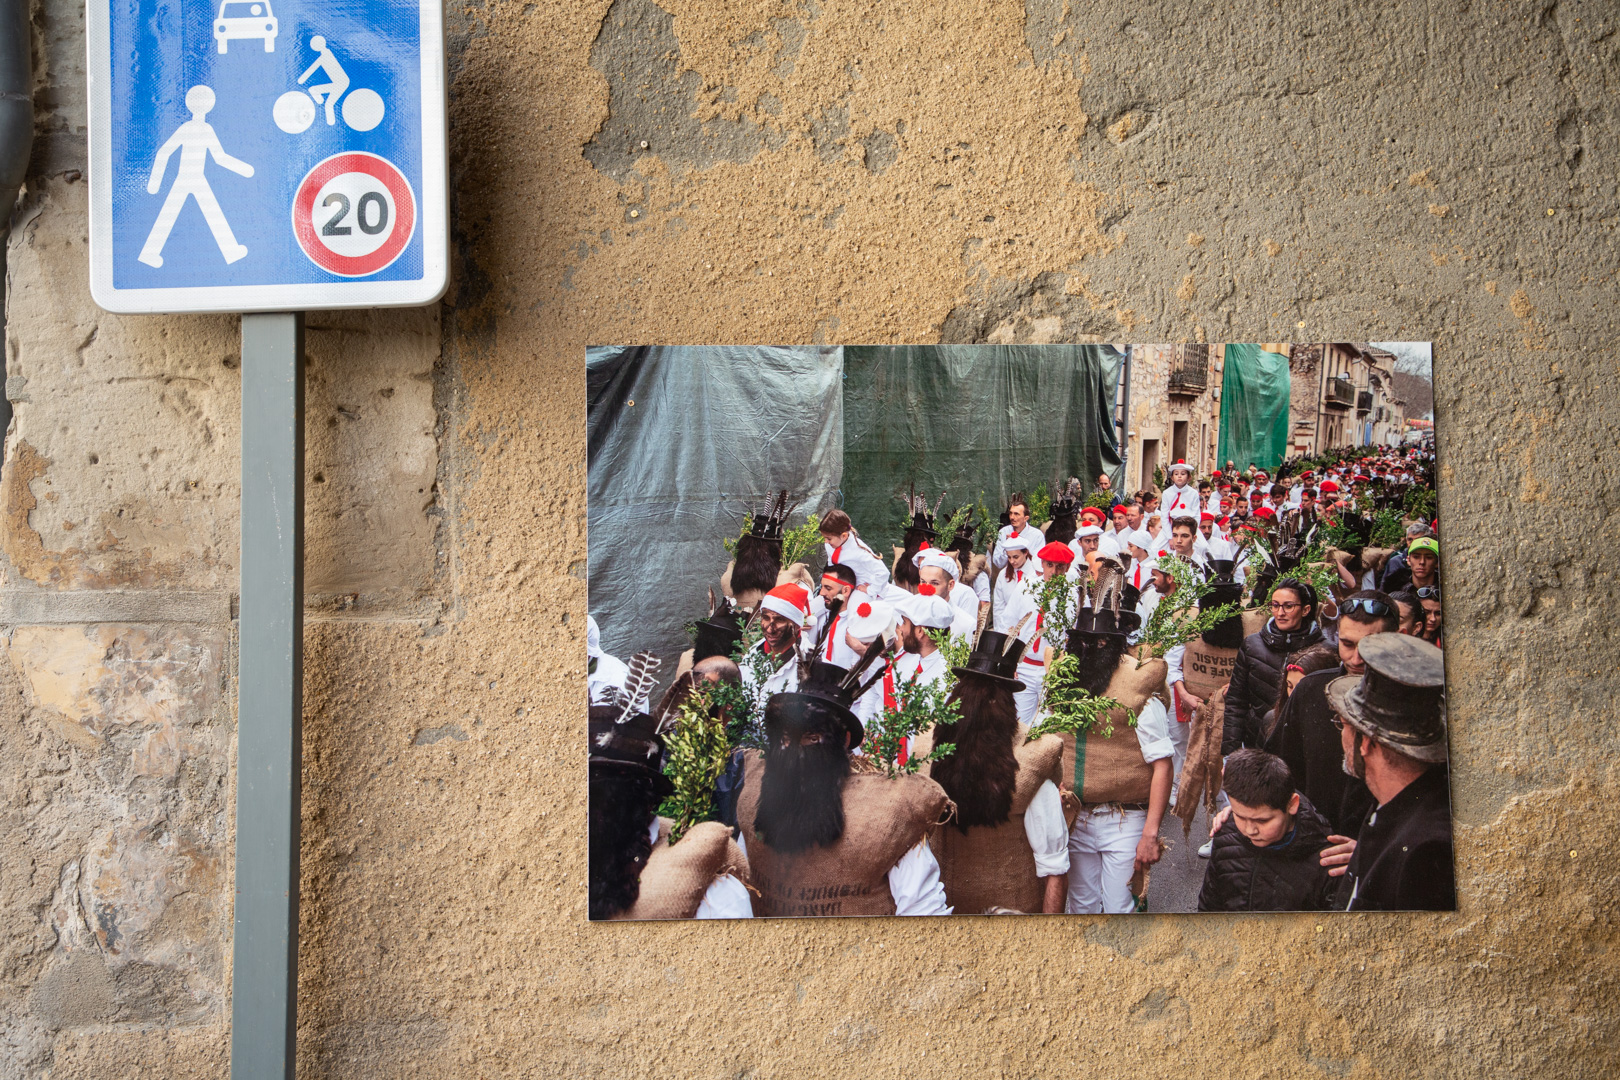 festival A ciel ouvert 2021 Labruguière espace Arthur Batut photo Dominique Delpoux